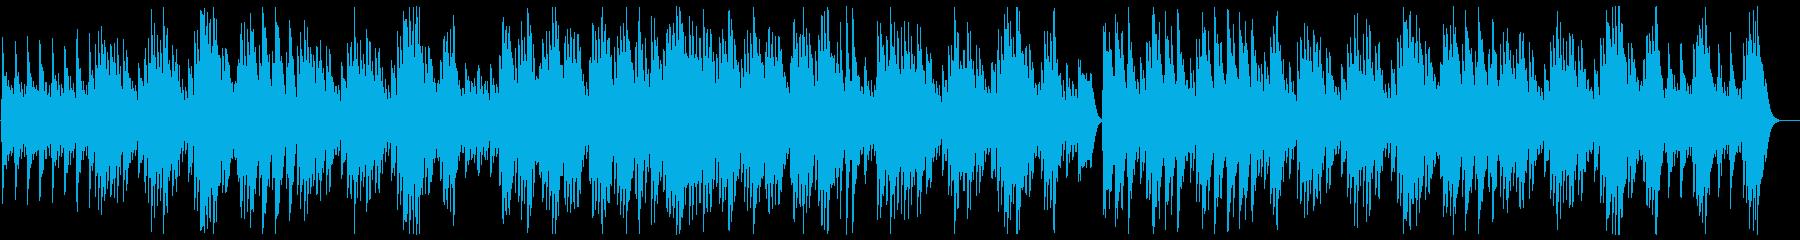 ふんわり心地のいいスローなオルゴールの曲の再生済みの波形